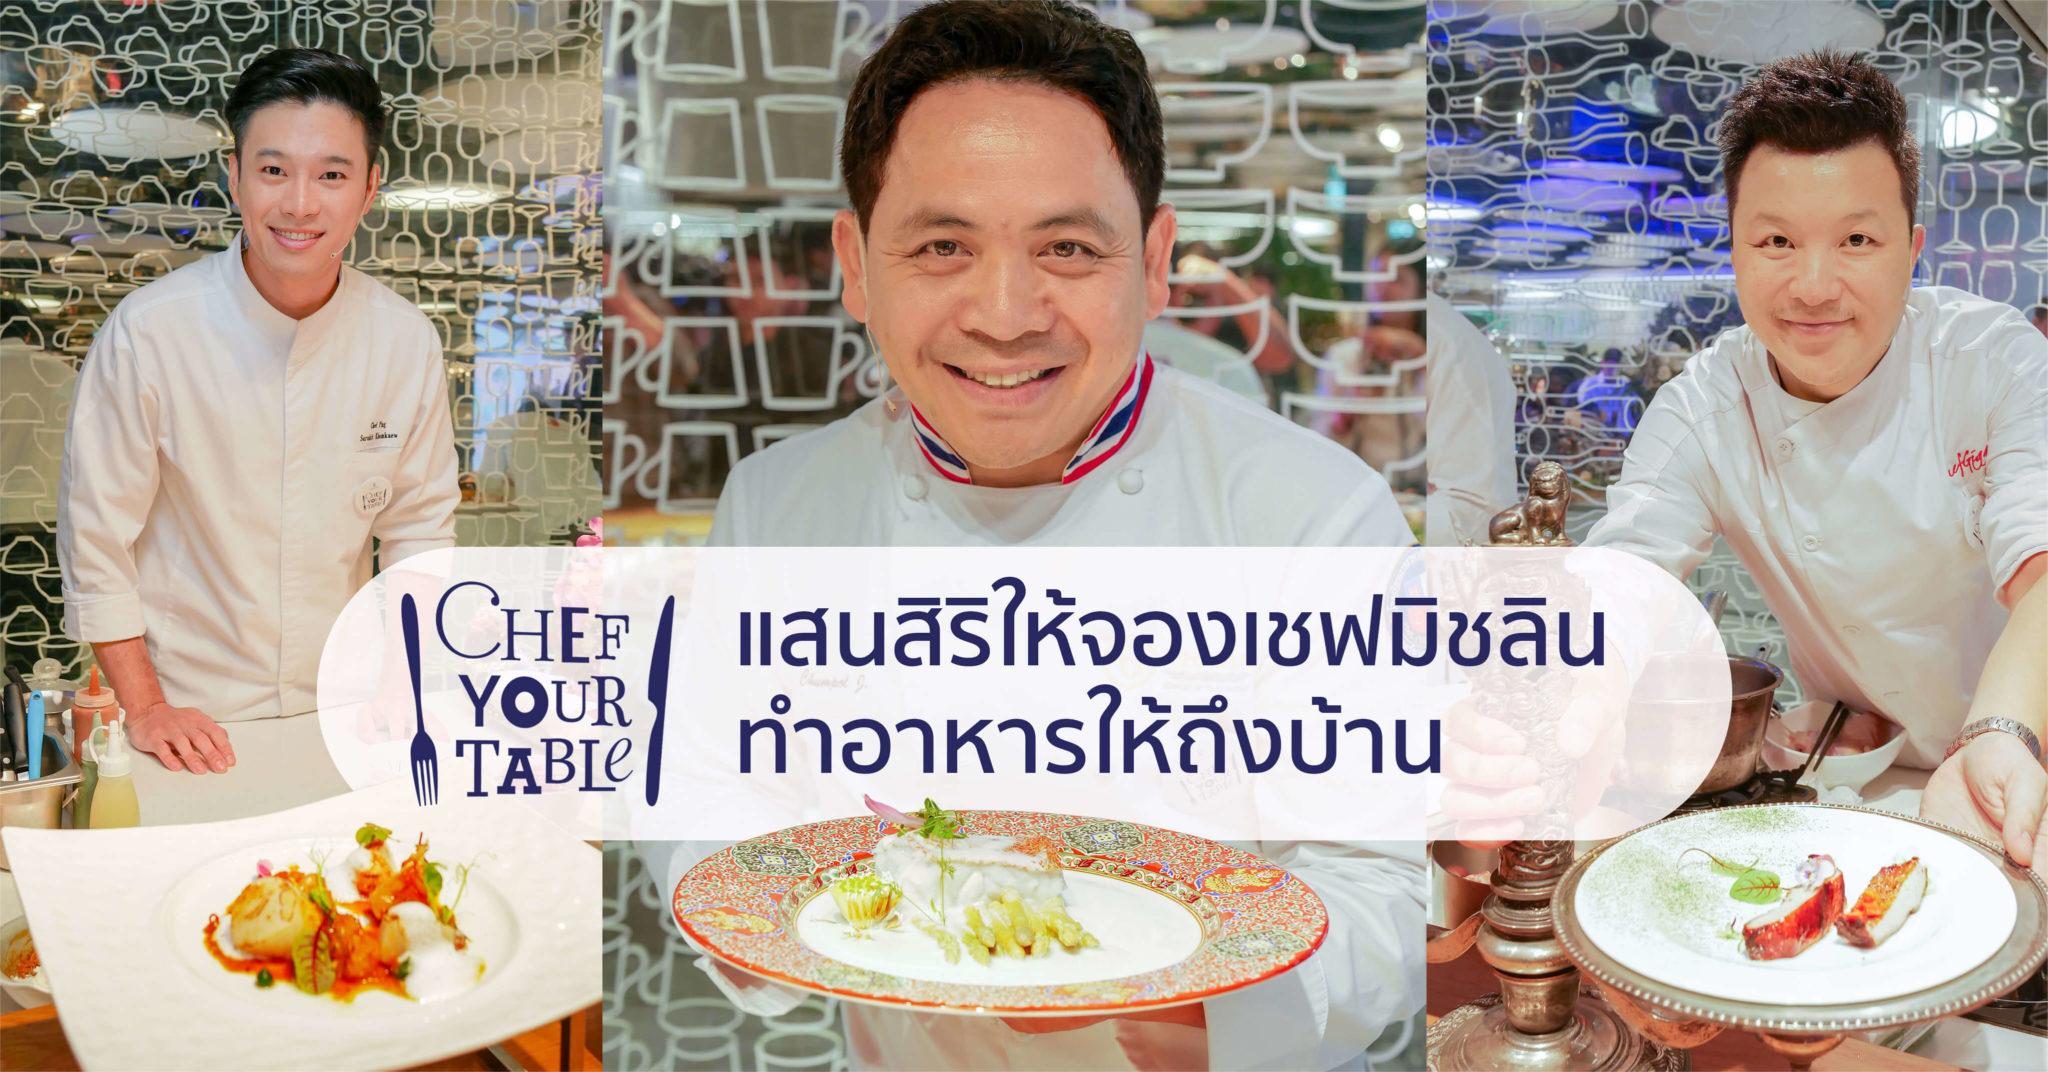 """สร้างช่วงเวลาสุดพิเศษไปกับ """"Sansiri Chef Your Table"""" ที่ให้คุณได้ลิ้มรสอาหารฝีมือเชฟระดับประเทศถึงบ้านคุณ! 4 - INSPIRATION"""